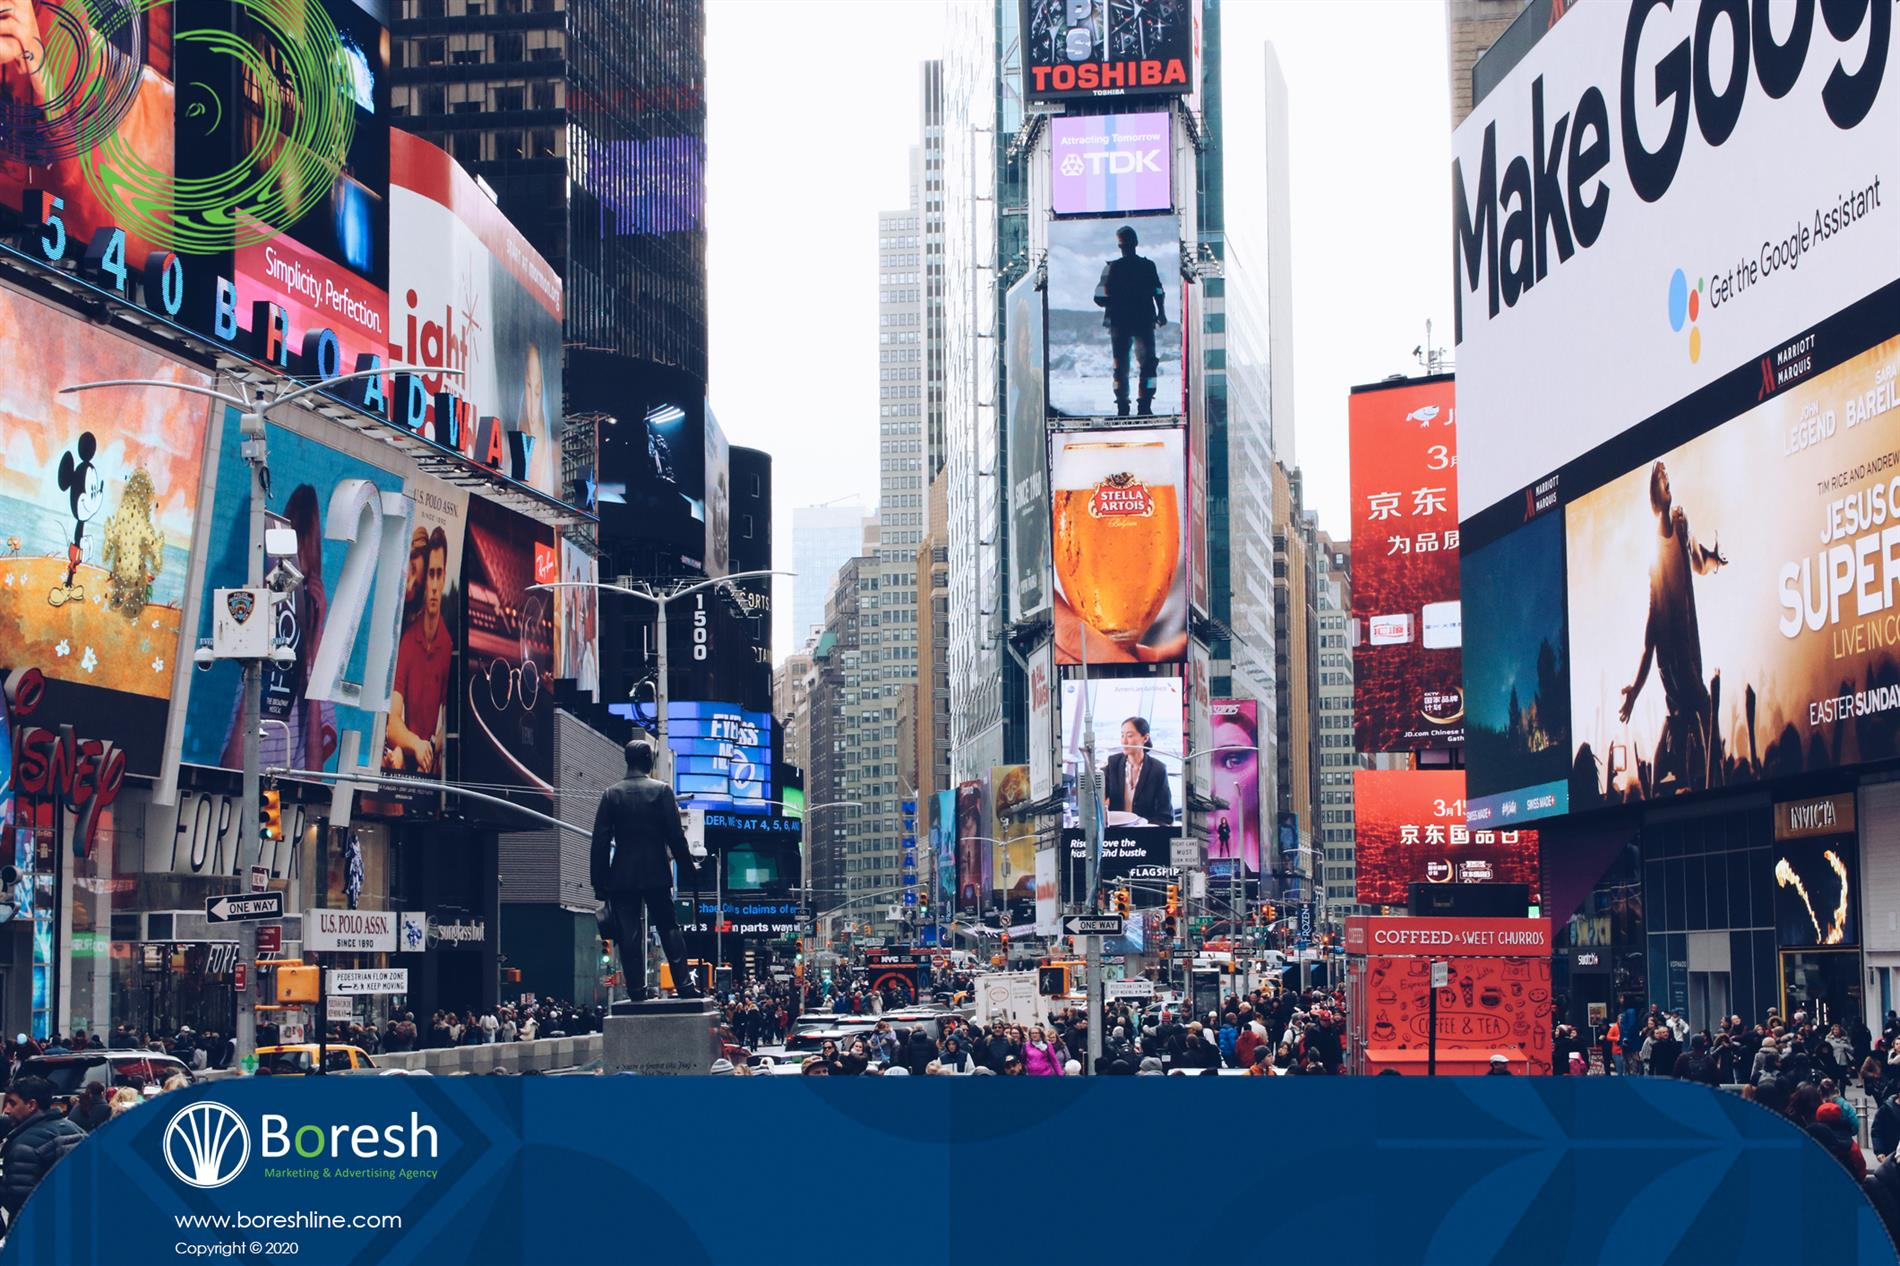 روانشناسی تبلیغات چیست؟ و چگونه بر حس و انتخاب مخاطبان تاثیر دارد؟ - گروه برندسازی، تبلیغات،بازاریابی و توسعه کسب و کار برش